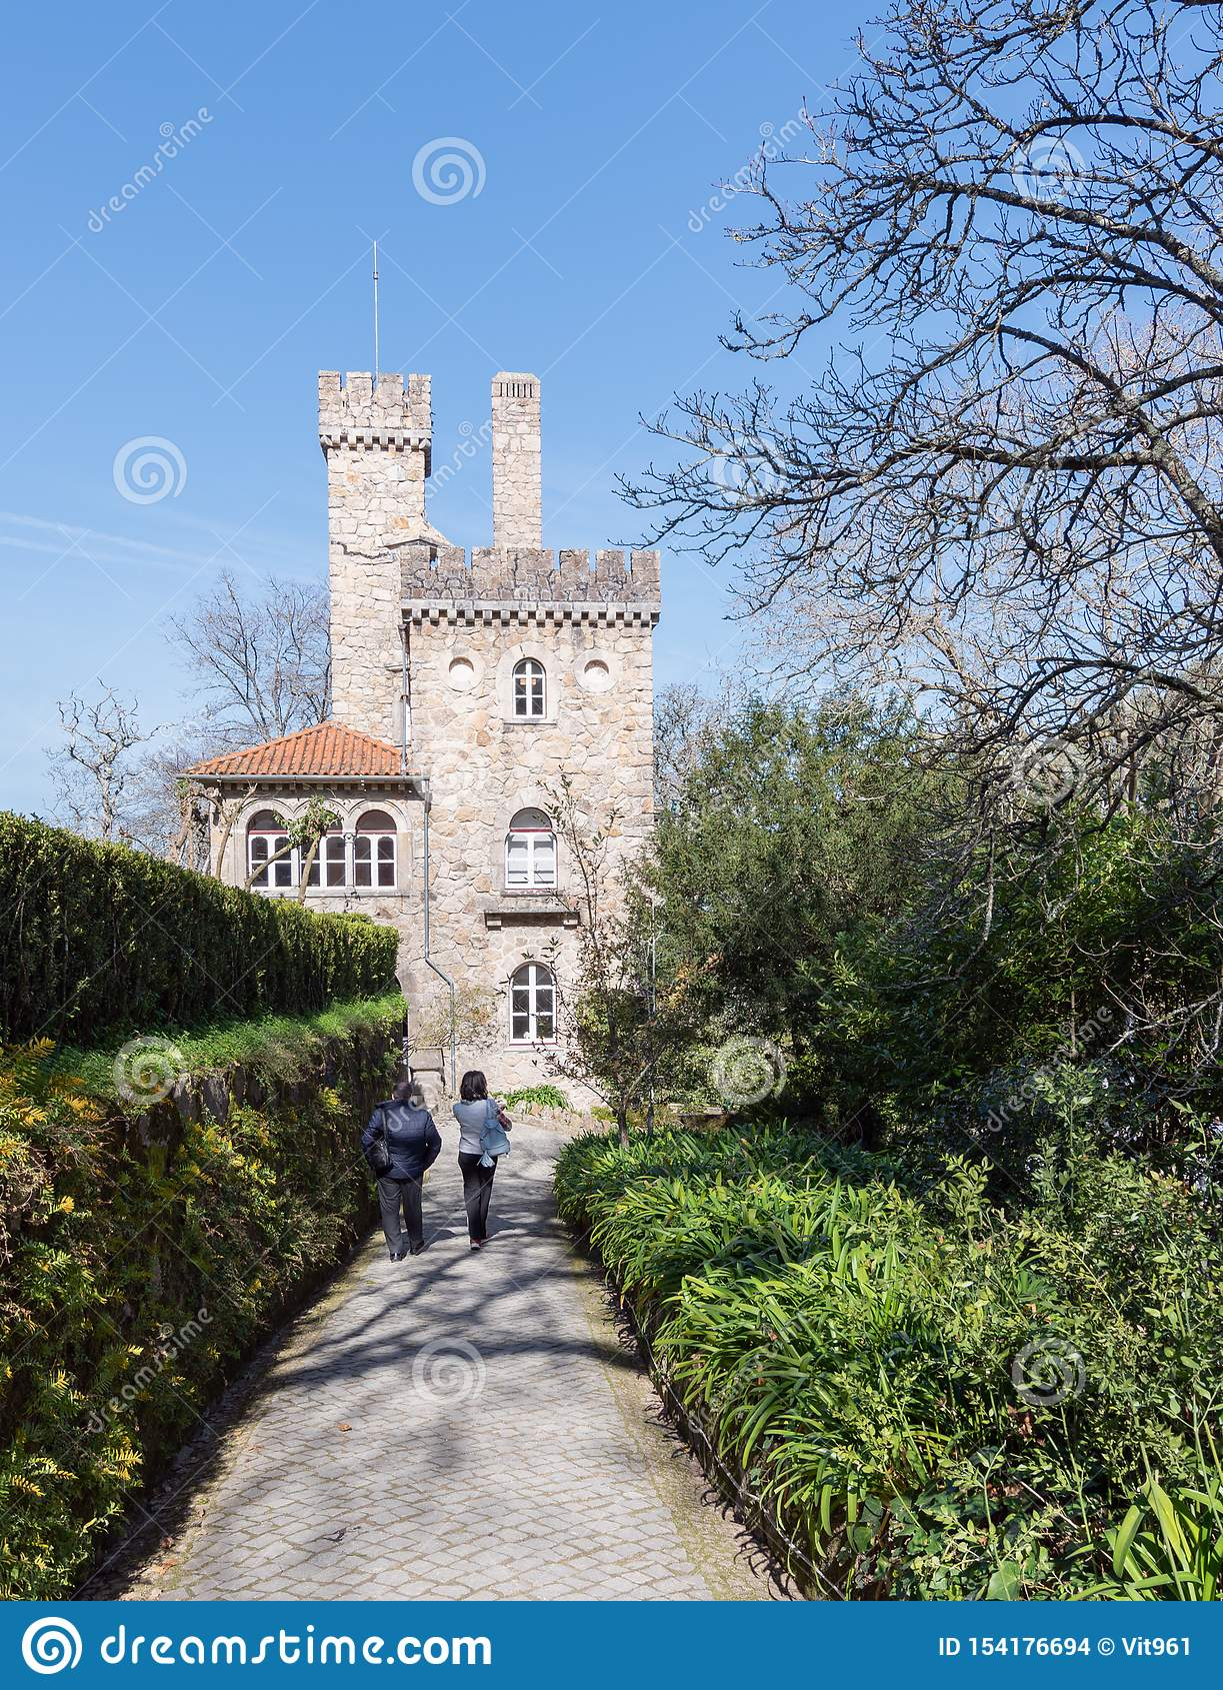 Weg mit zwei Leuten entlang dem Weg entlang der grünen Gasse auf dem Hintergrund eines alten Schlosses